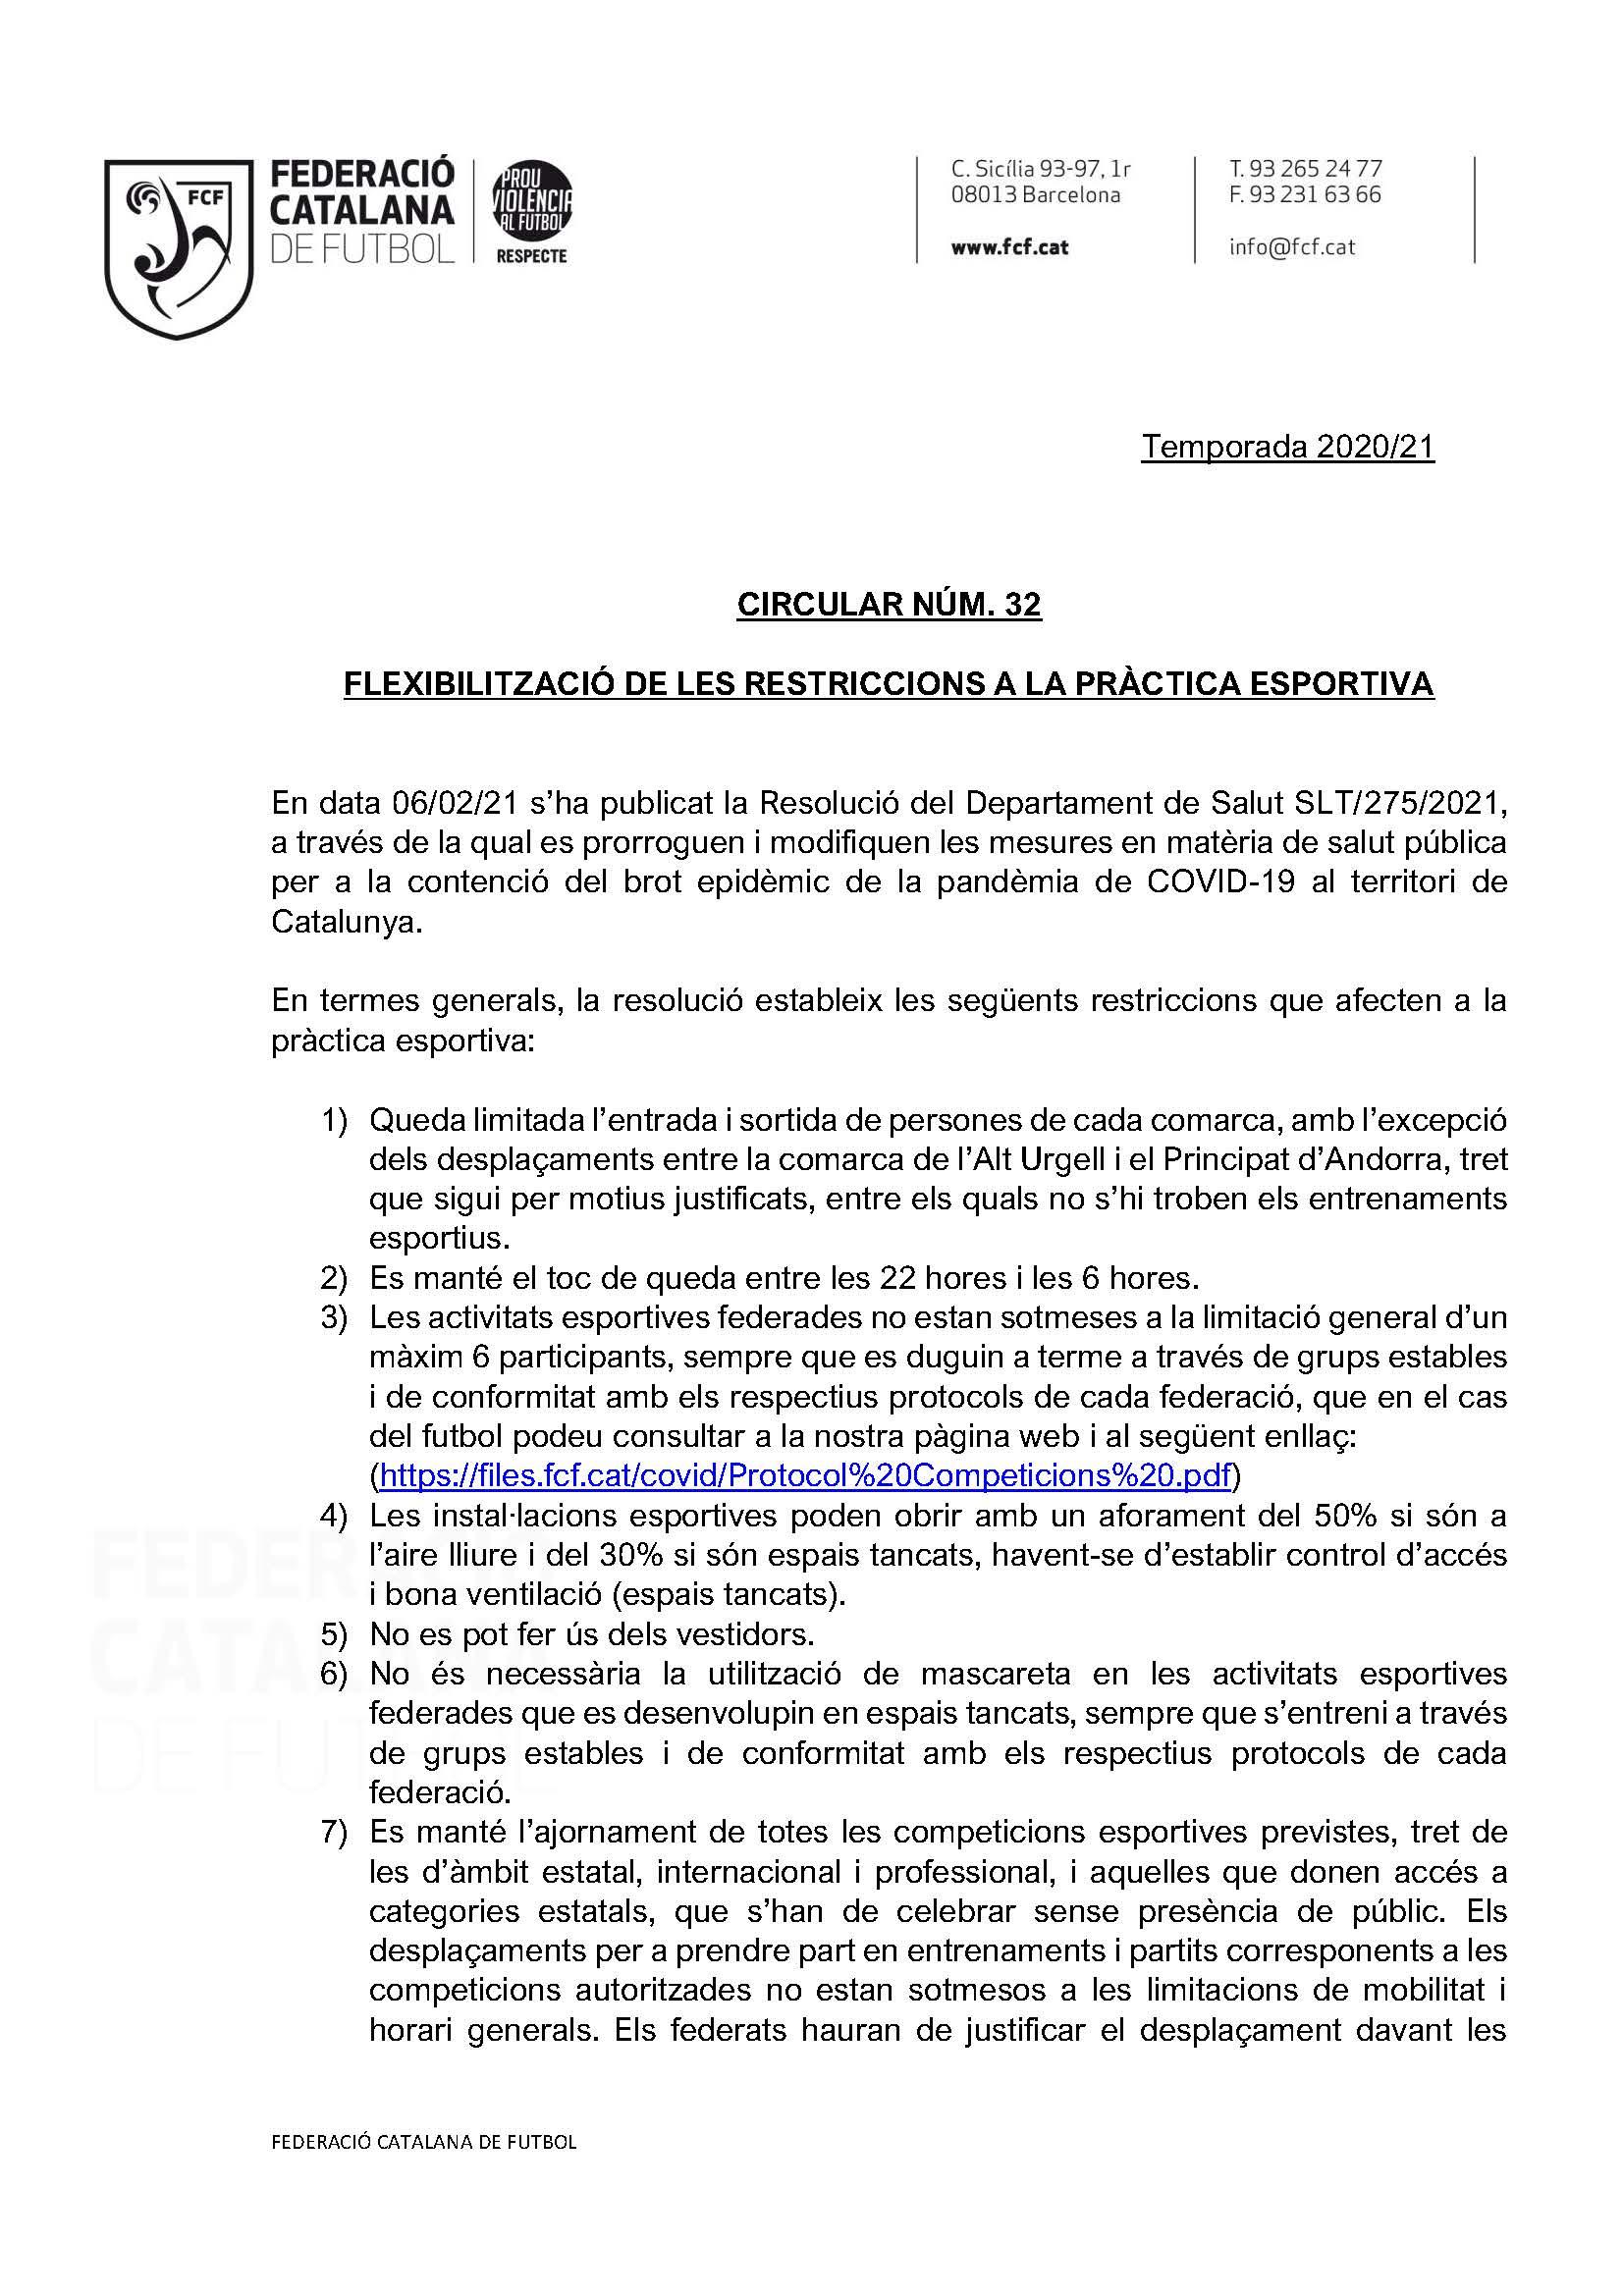 circular nº33 AUTORTIZACIÓ DE LES COMPETICIONS QUE DONEN ACCES A LES CATEGORIES ESTATALS